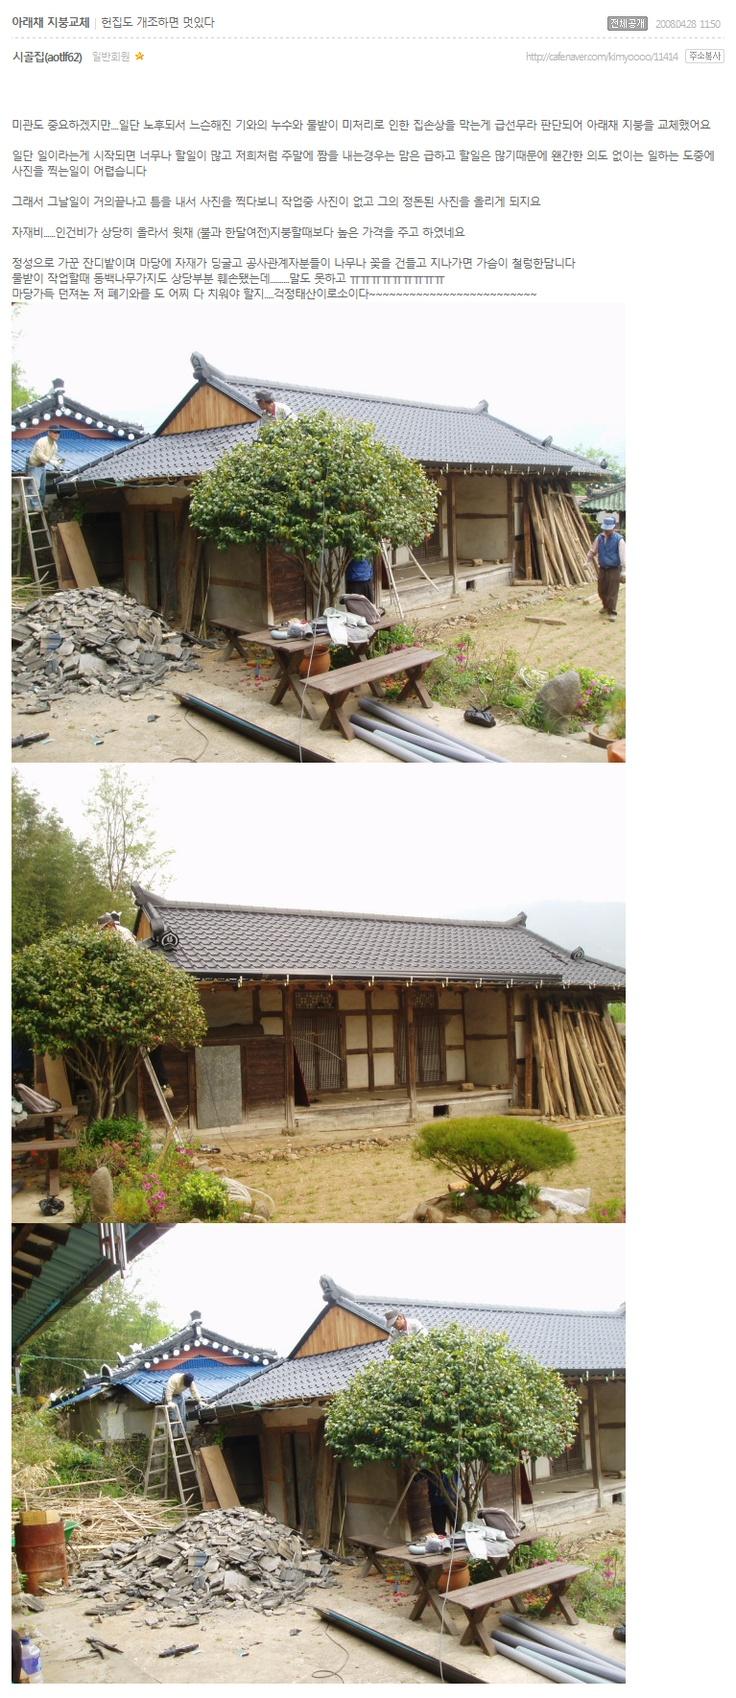 [헌집도 개조하면 멋있다] 아래채 지붕 교체  [출처: http://cafe.naver.com/kimyoooo]